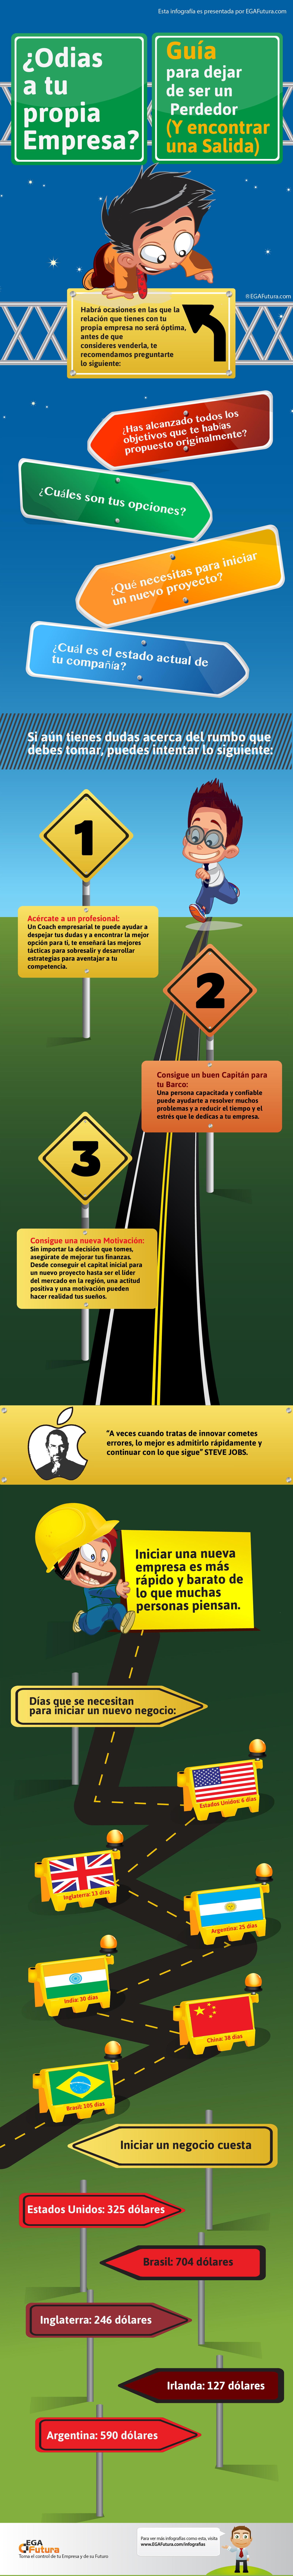 Infografía: ¿Odias a tu propia Empresa? Guía para dejar de ser un Perdedor (Y encontrar una Salida)